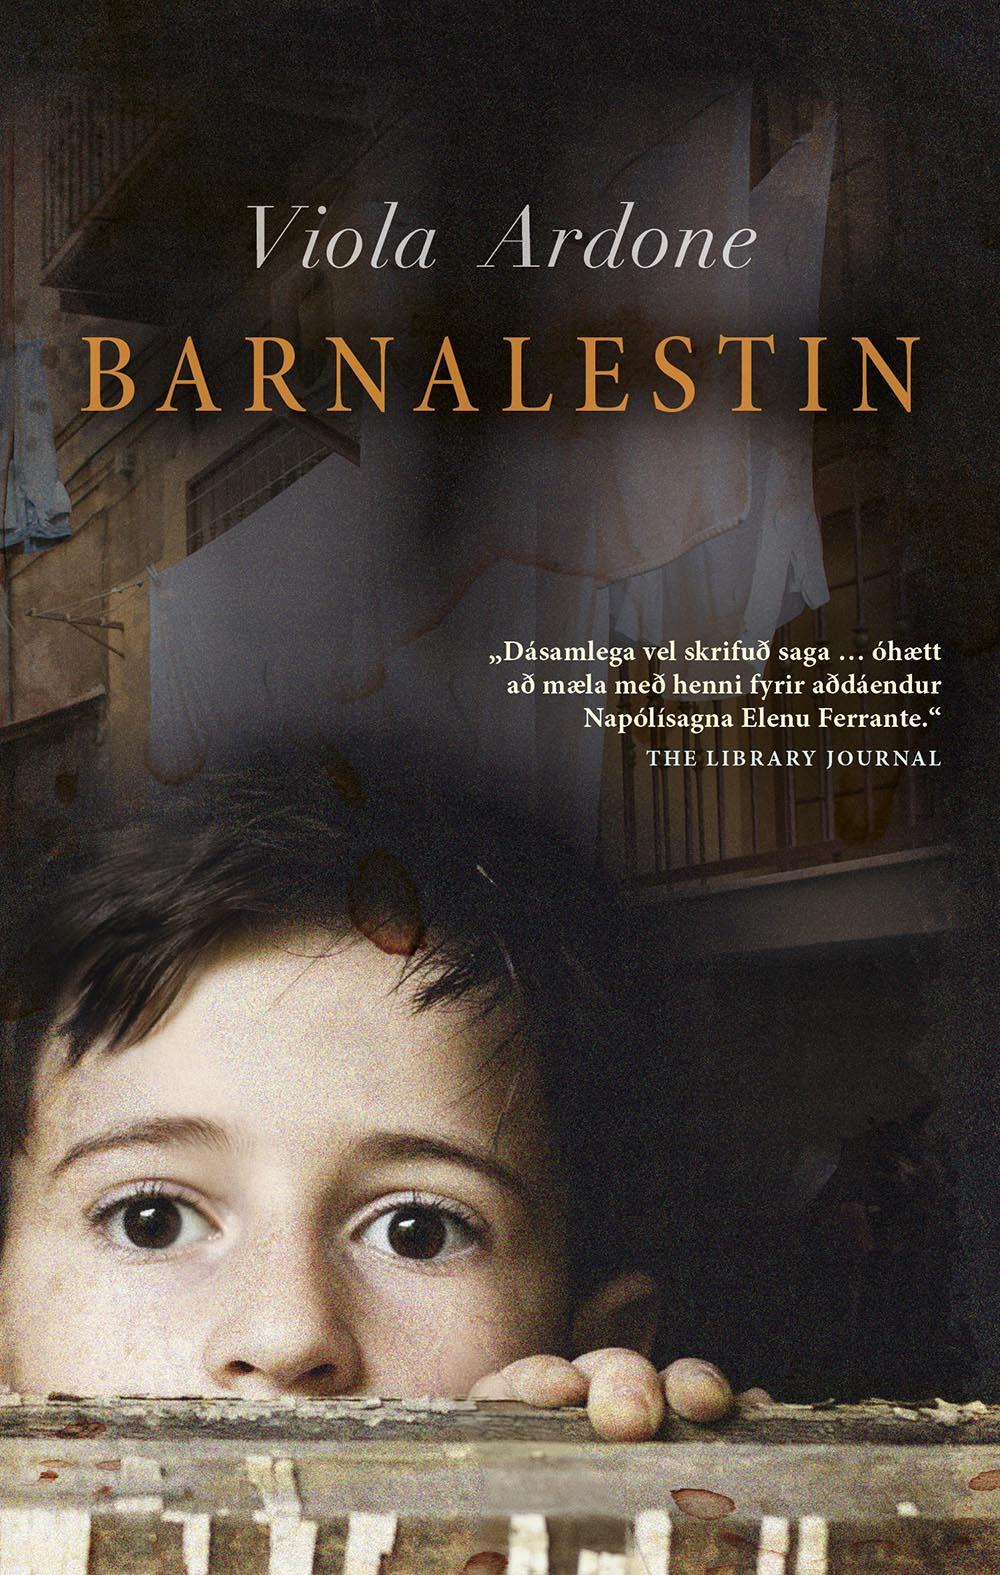 Barnalestin